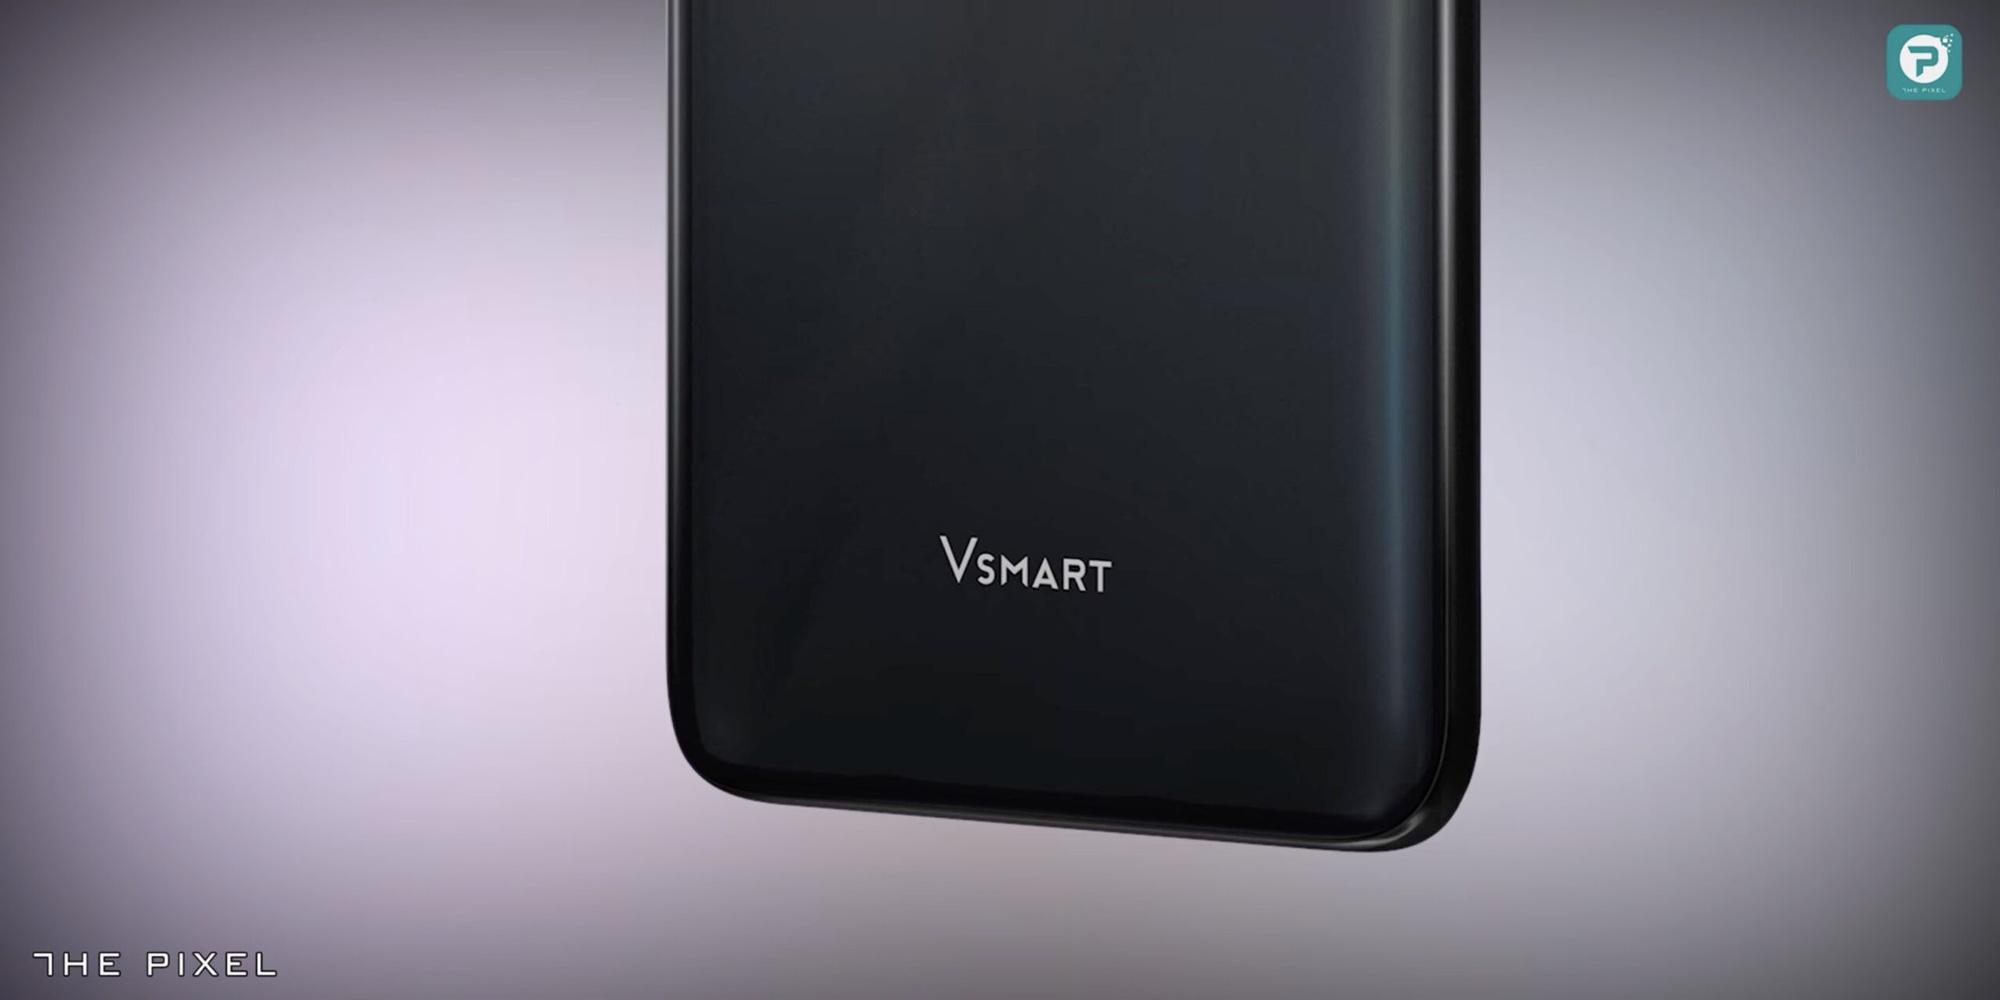 Bất ngờ điện thoại Vsmart của tỷ phú Phạm Nhật Vượng sắp ra mắt - Ảnh 7.